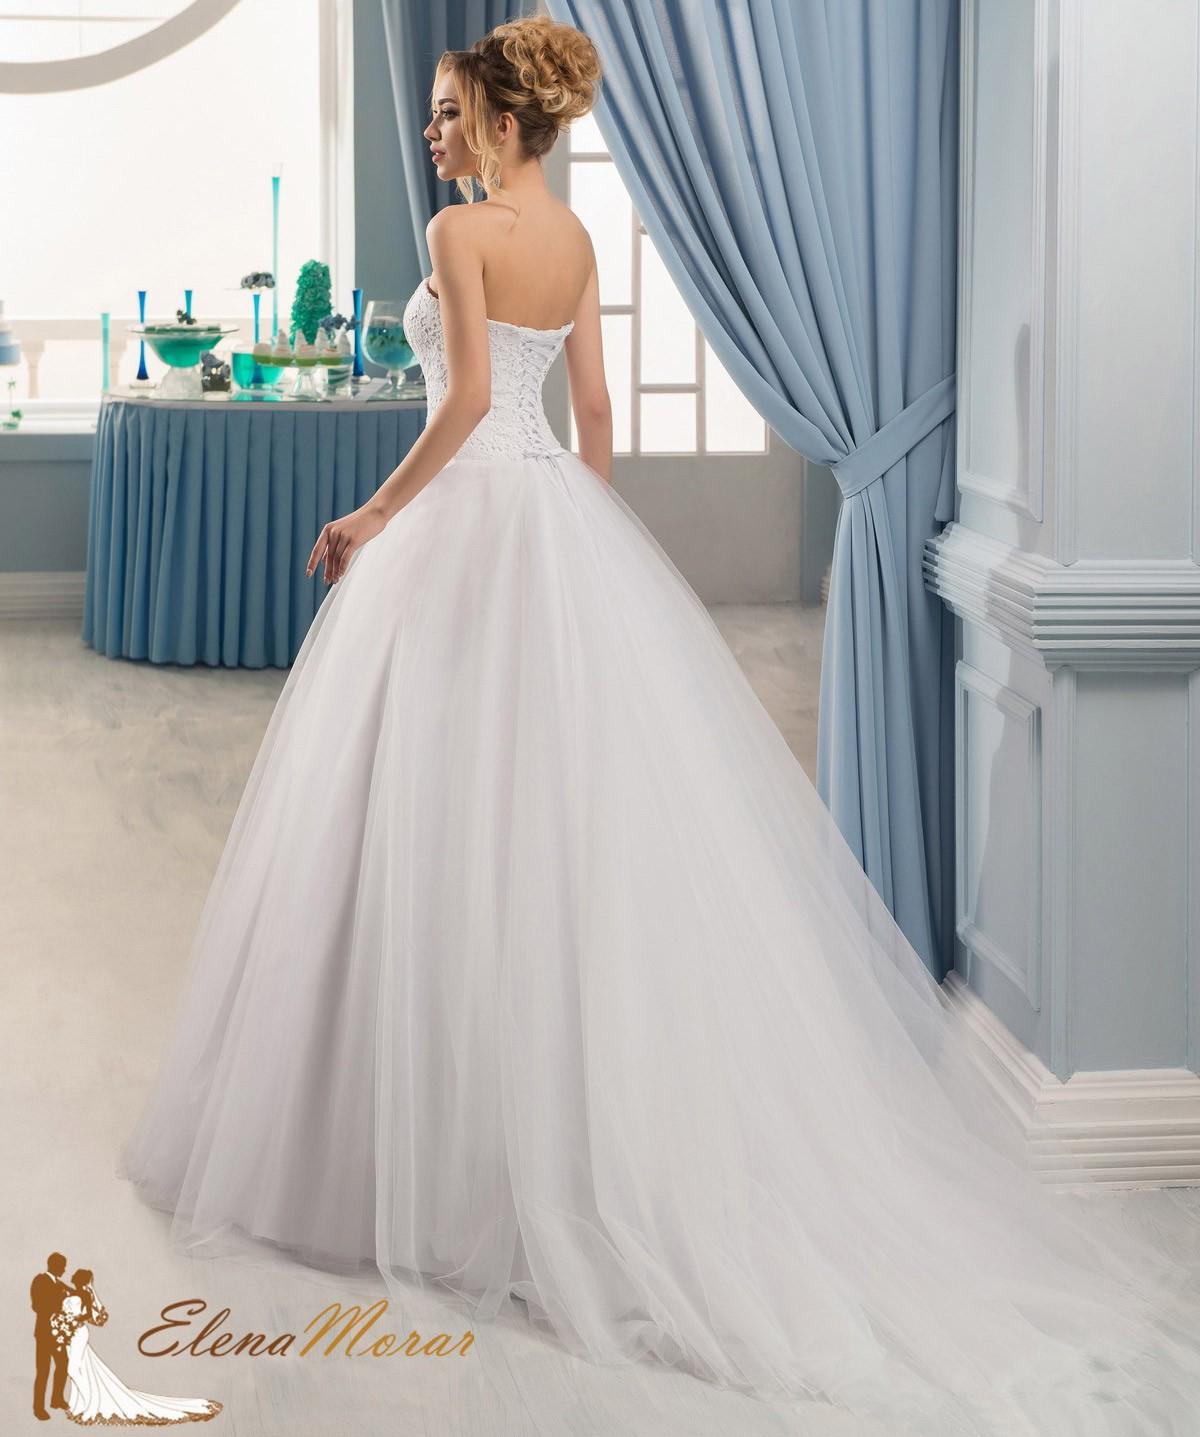 robe de mariage princesse en tulle et bustier dentelle oxana. Black Bedroom Furniture Sets. Home Design Ideas